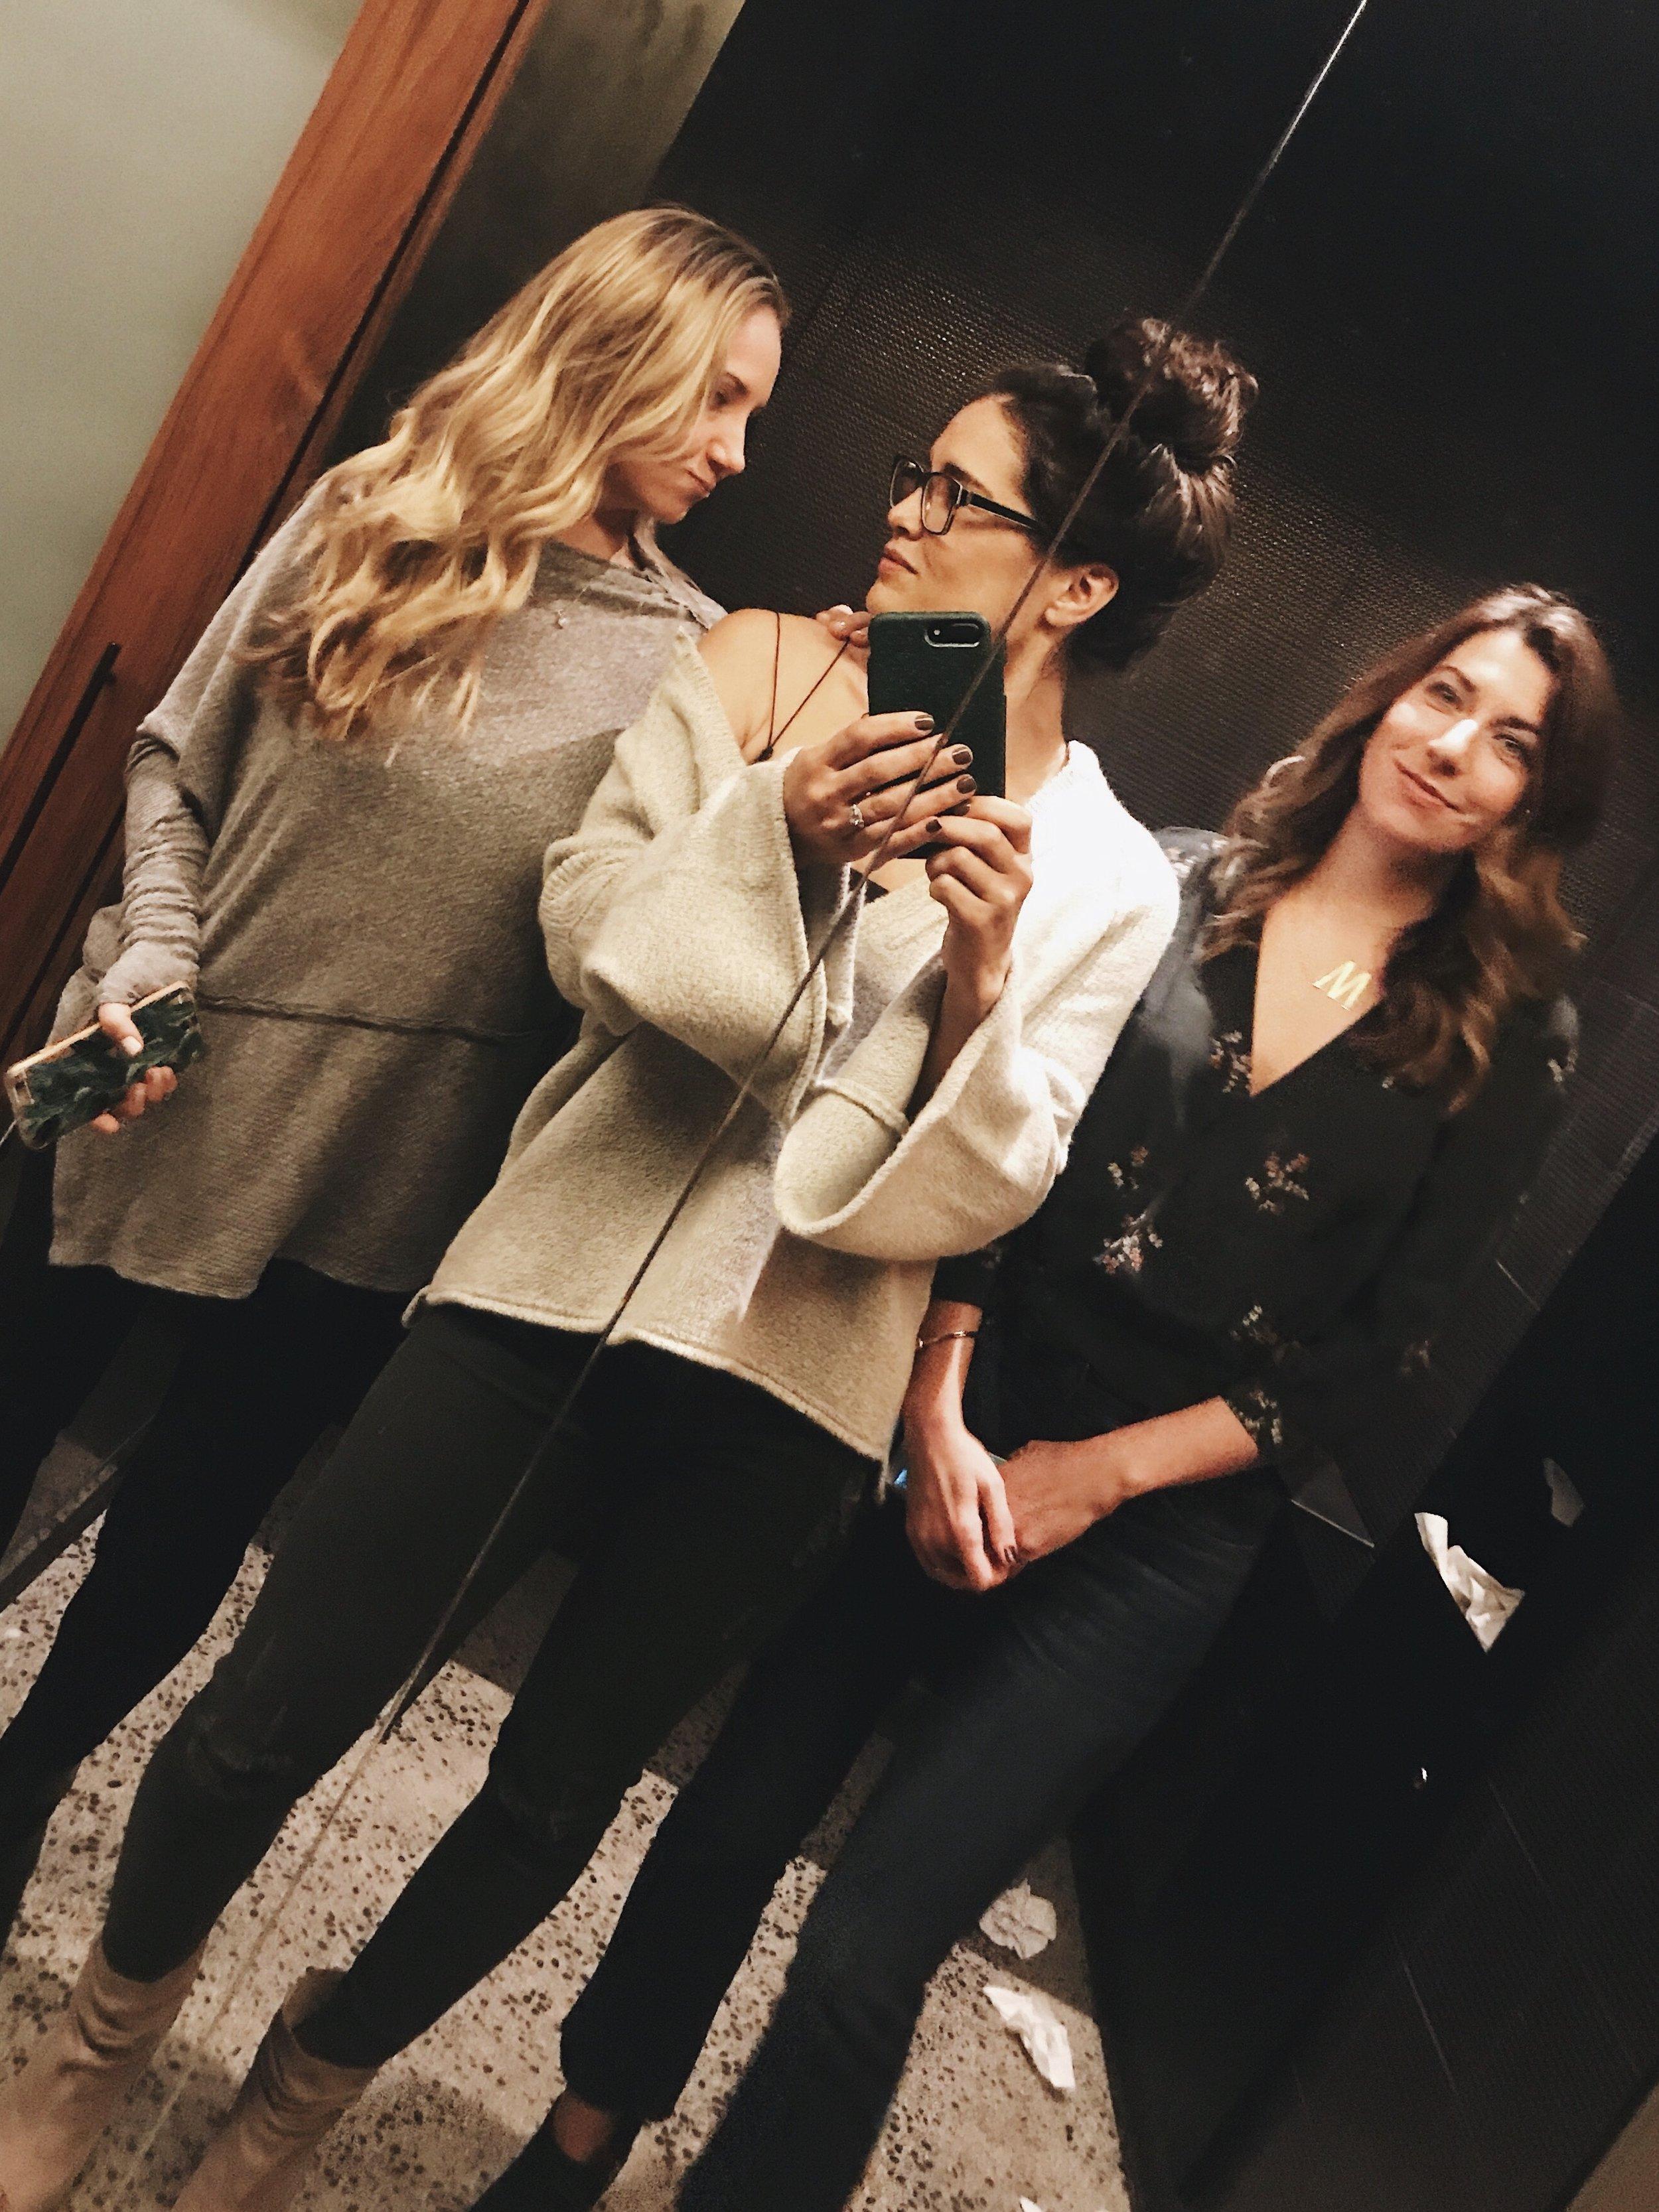 Bathroom selfies with @leahlaniskincare & @maisonpur